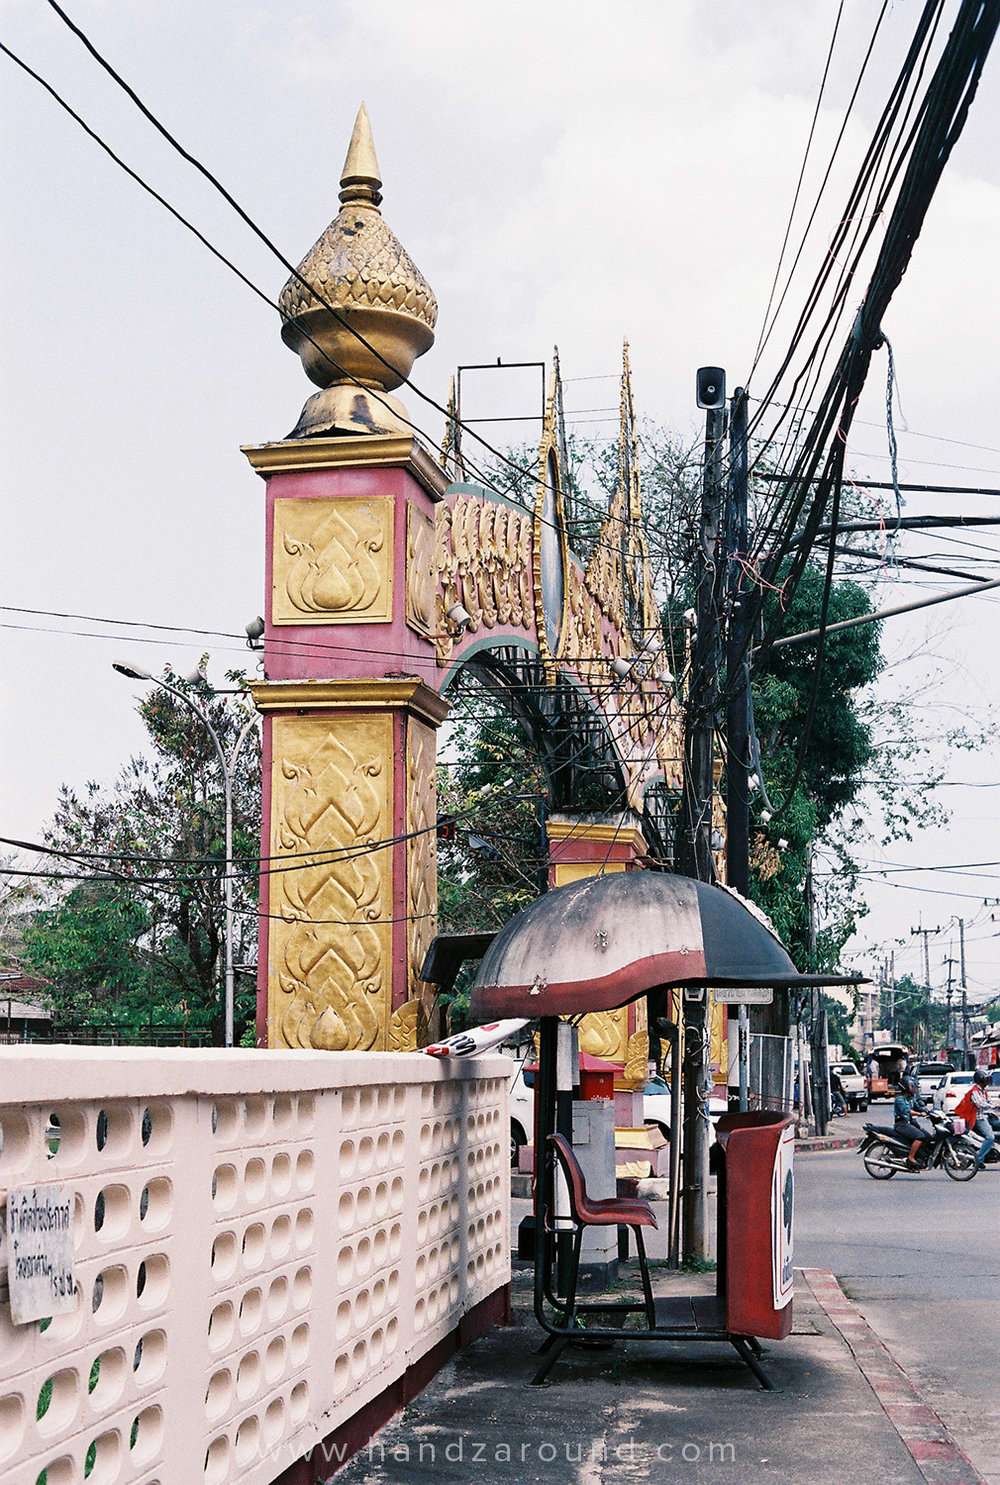 006_Chumphon_Thailand_Photo_Story_HandZaround.jpg